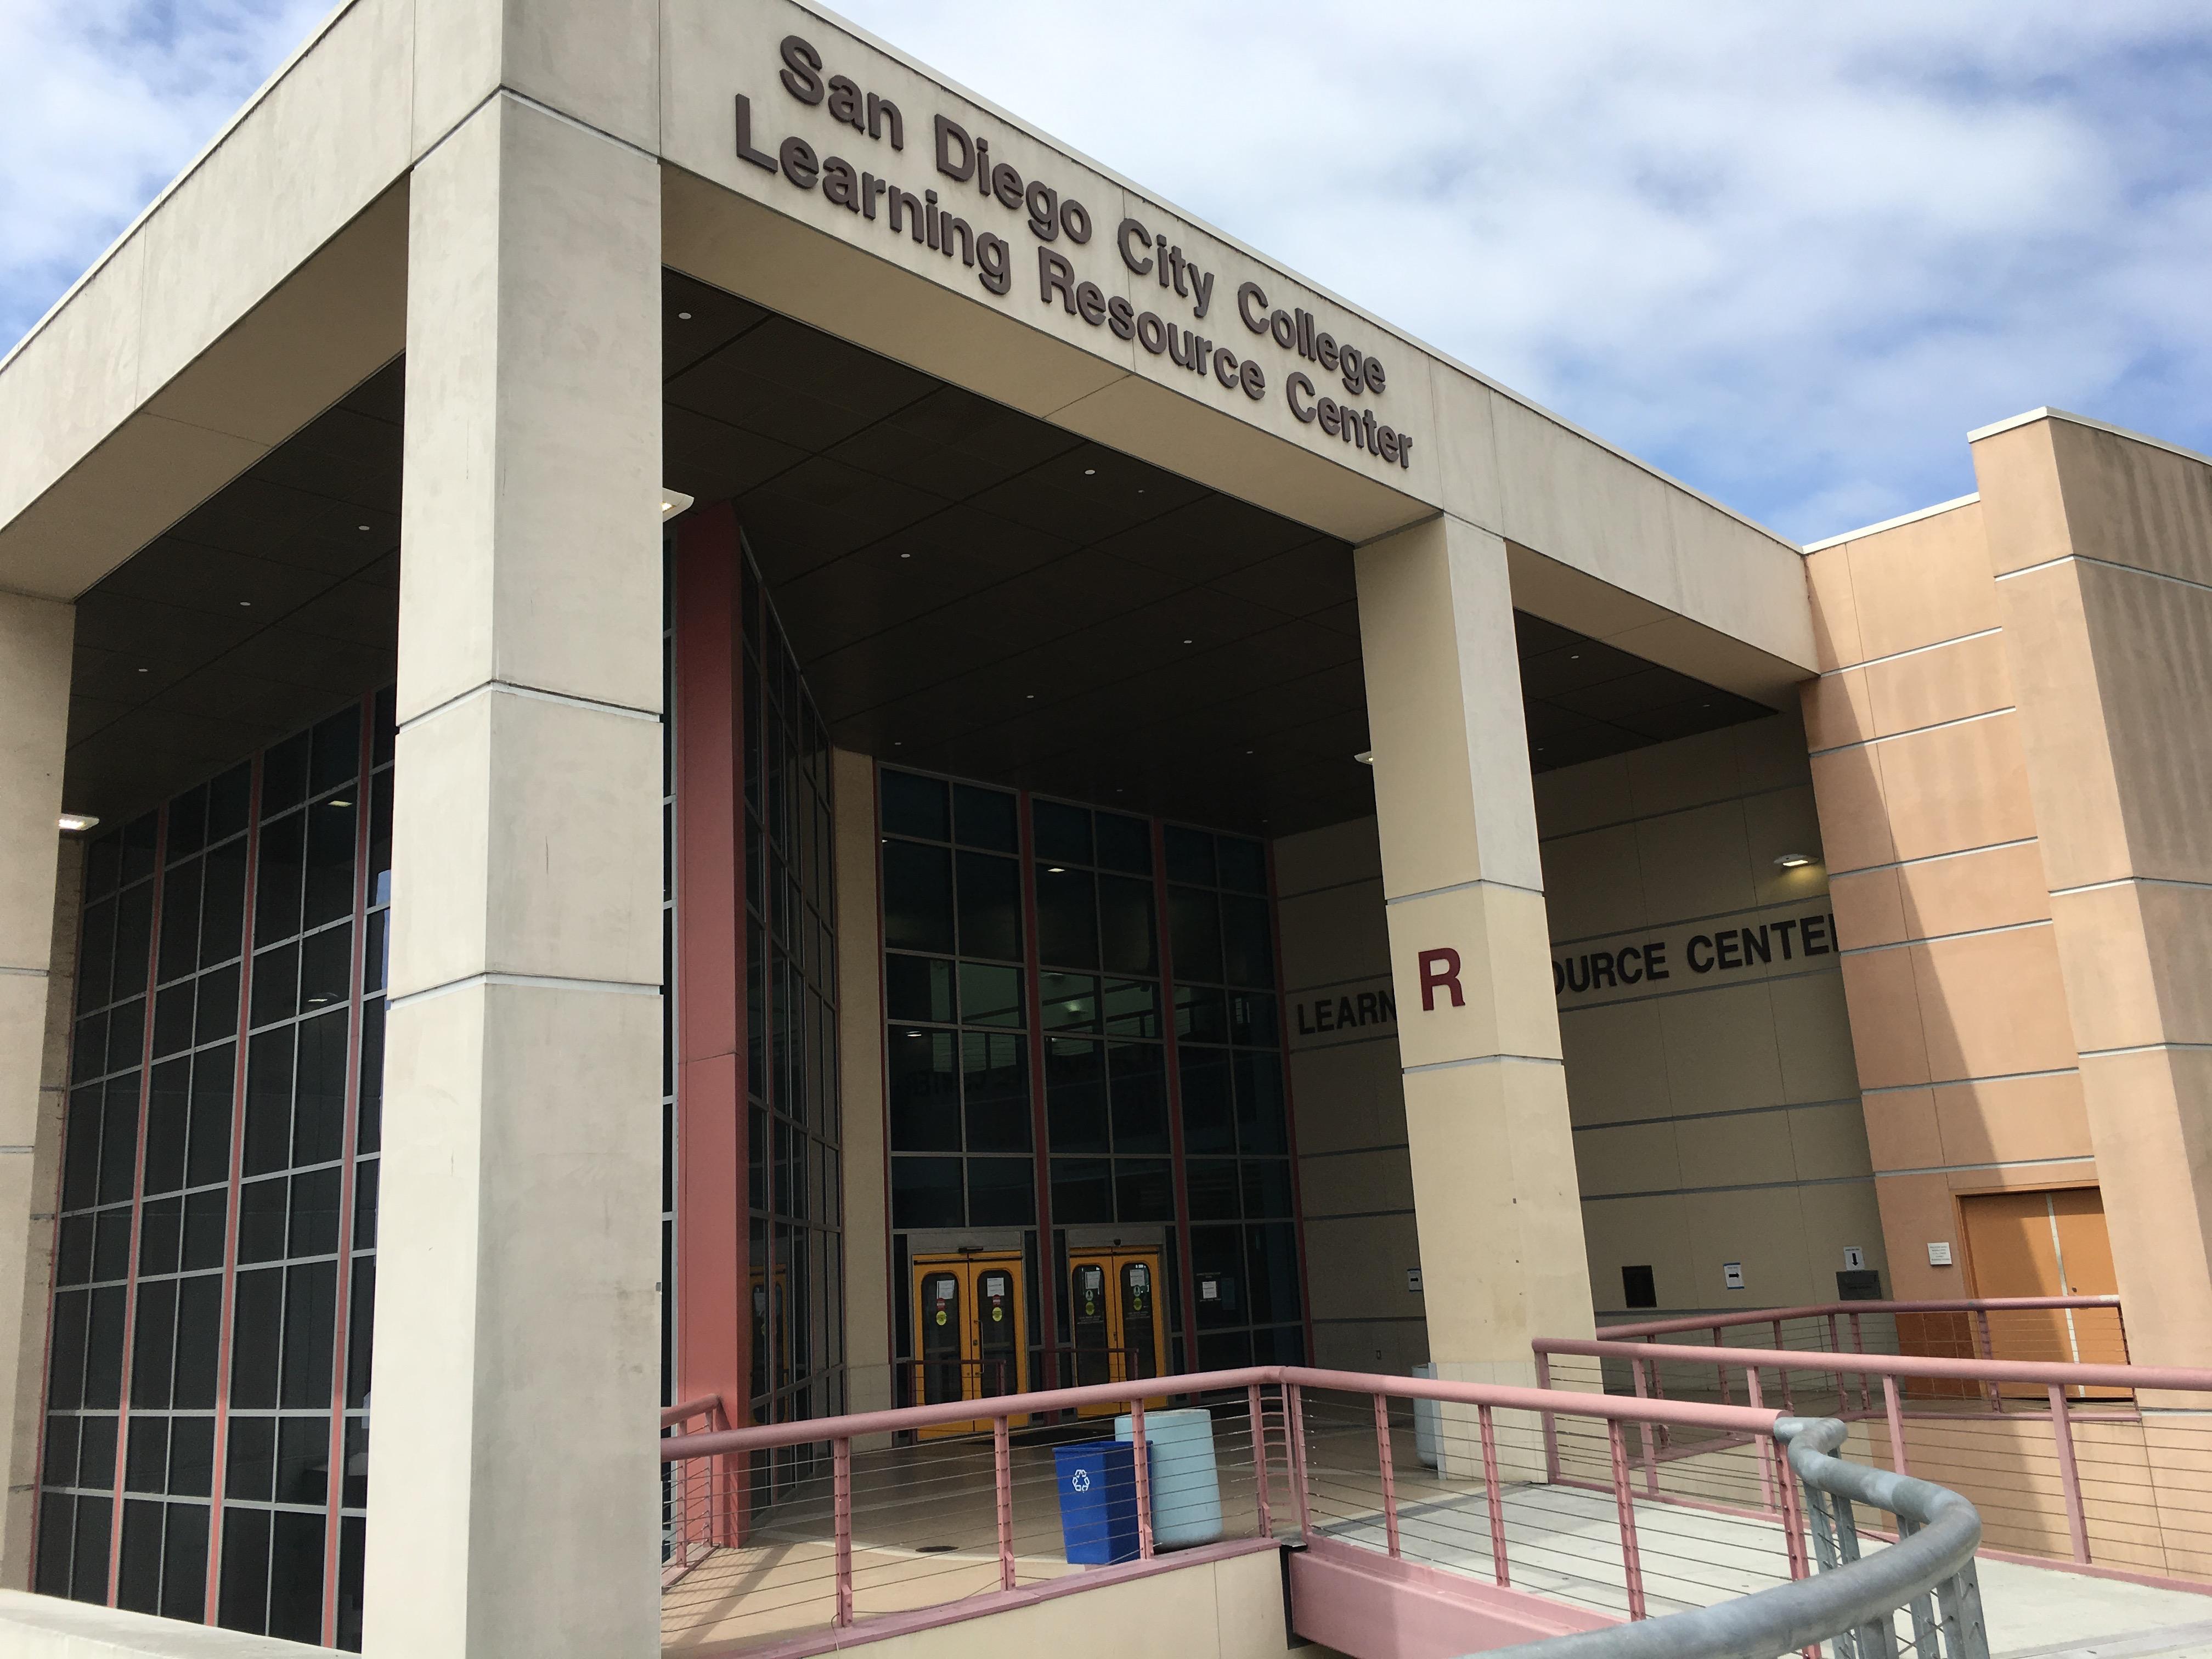 LRC front entrance view